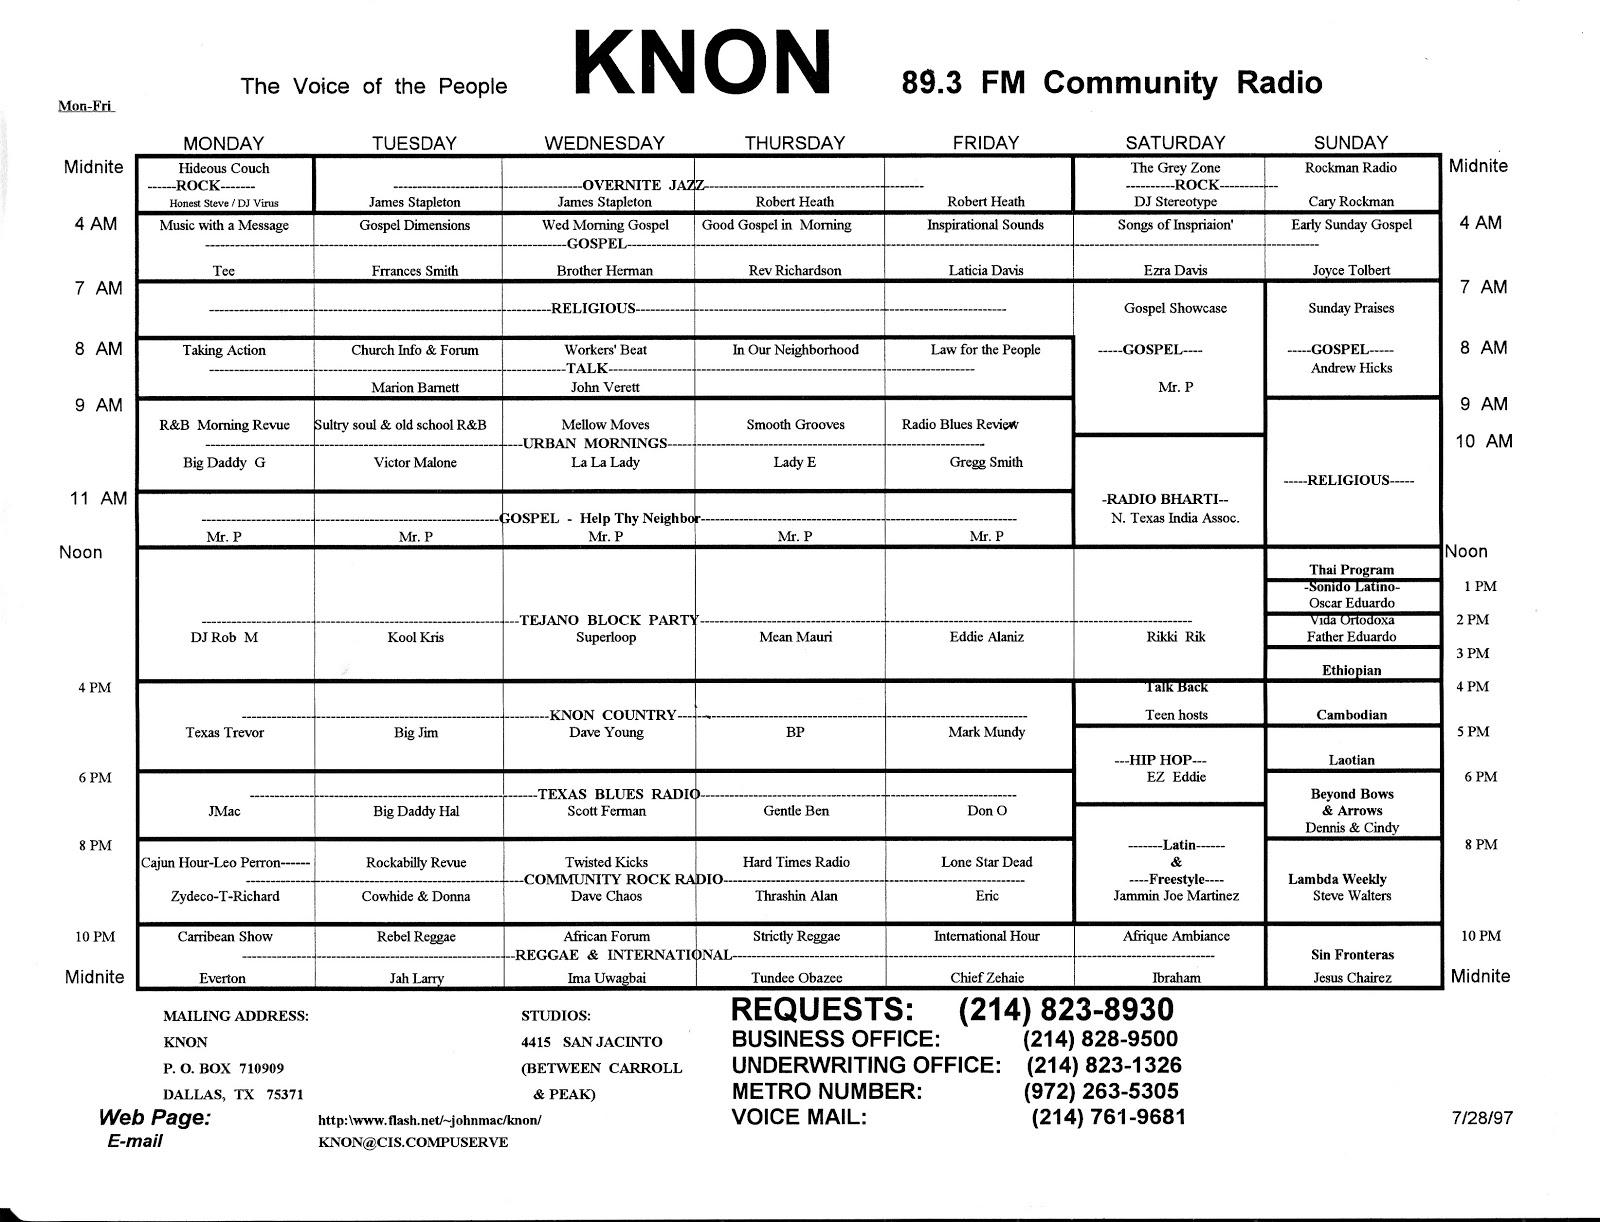 knon-schedule-970728